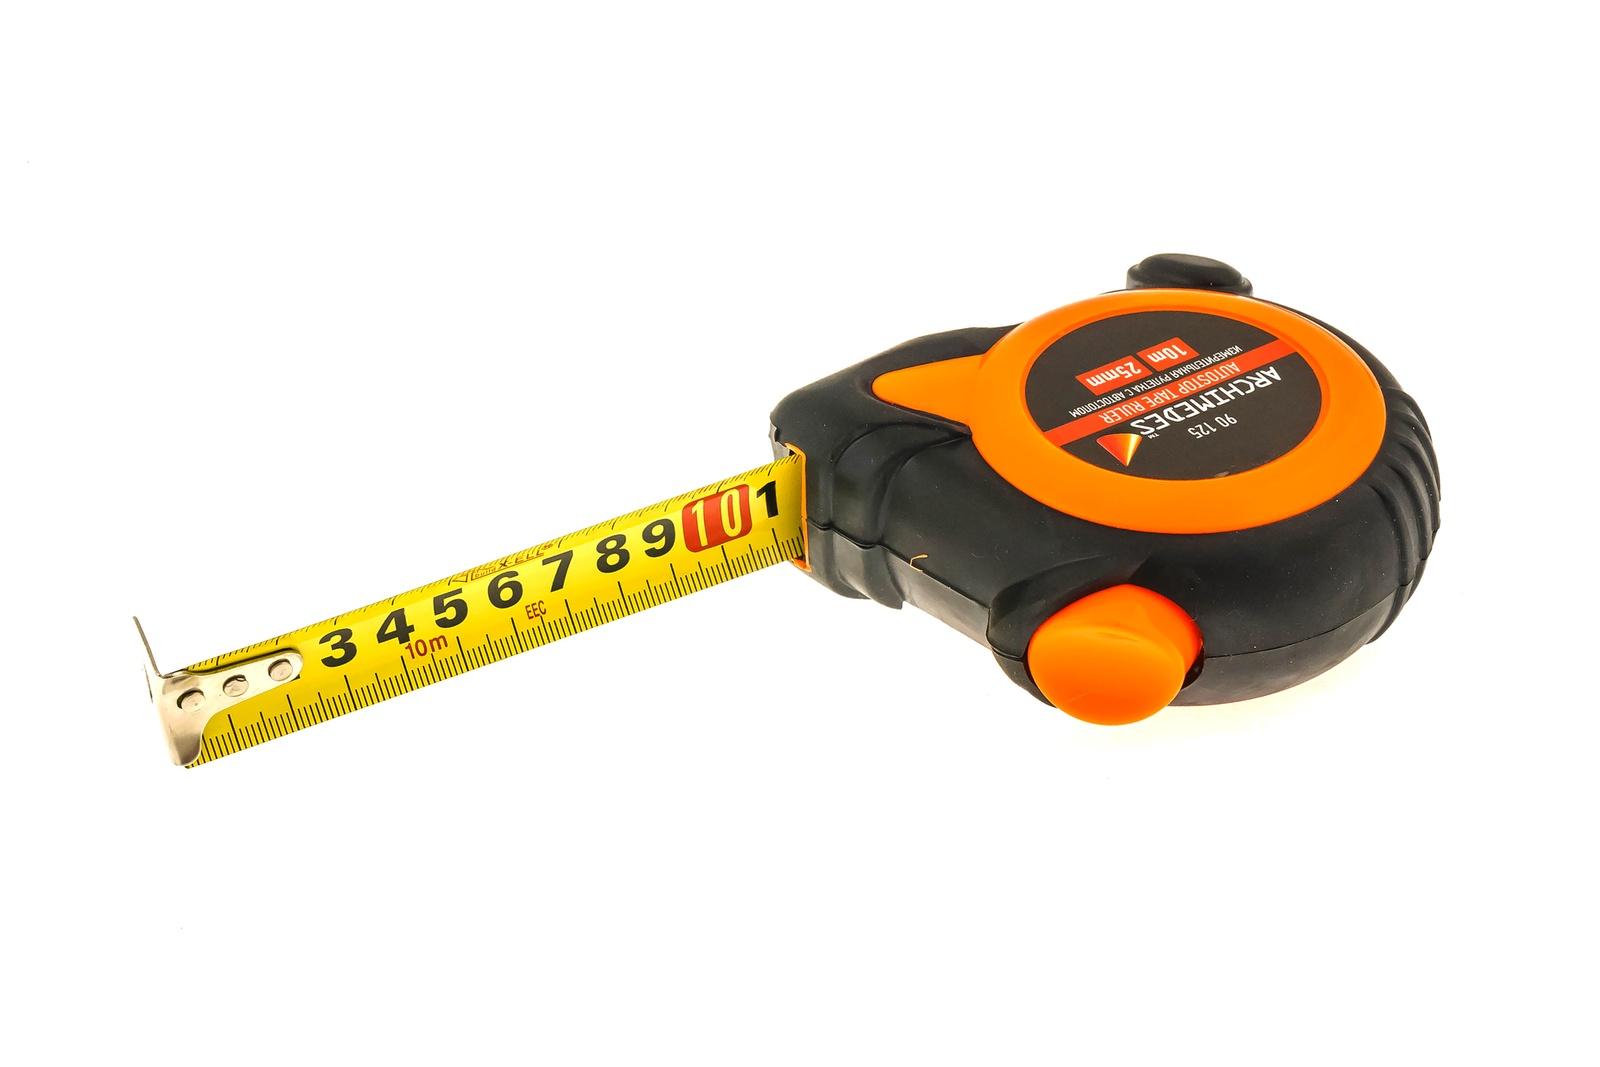 Измерительная рулетка с автостопом Archimedes 10мх25мм90125Корпус из ударопрочного АБС пластика с прорезиненным покрытием предотвращающим проскальзывание рулетки в руке. Функция Автостоп, значительно упрощающая процесс измерения. Поясное крепление.